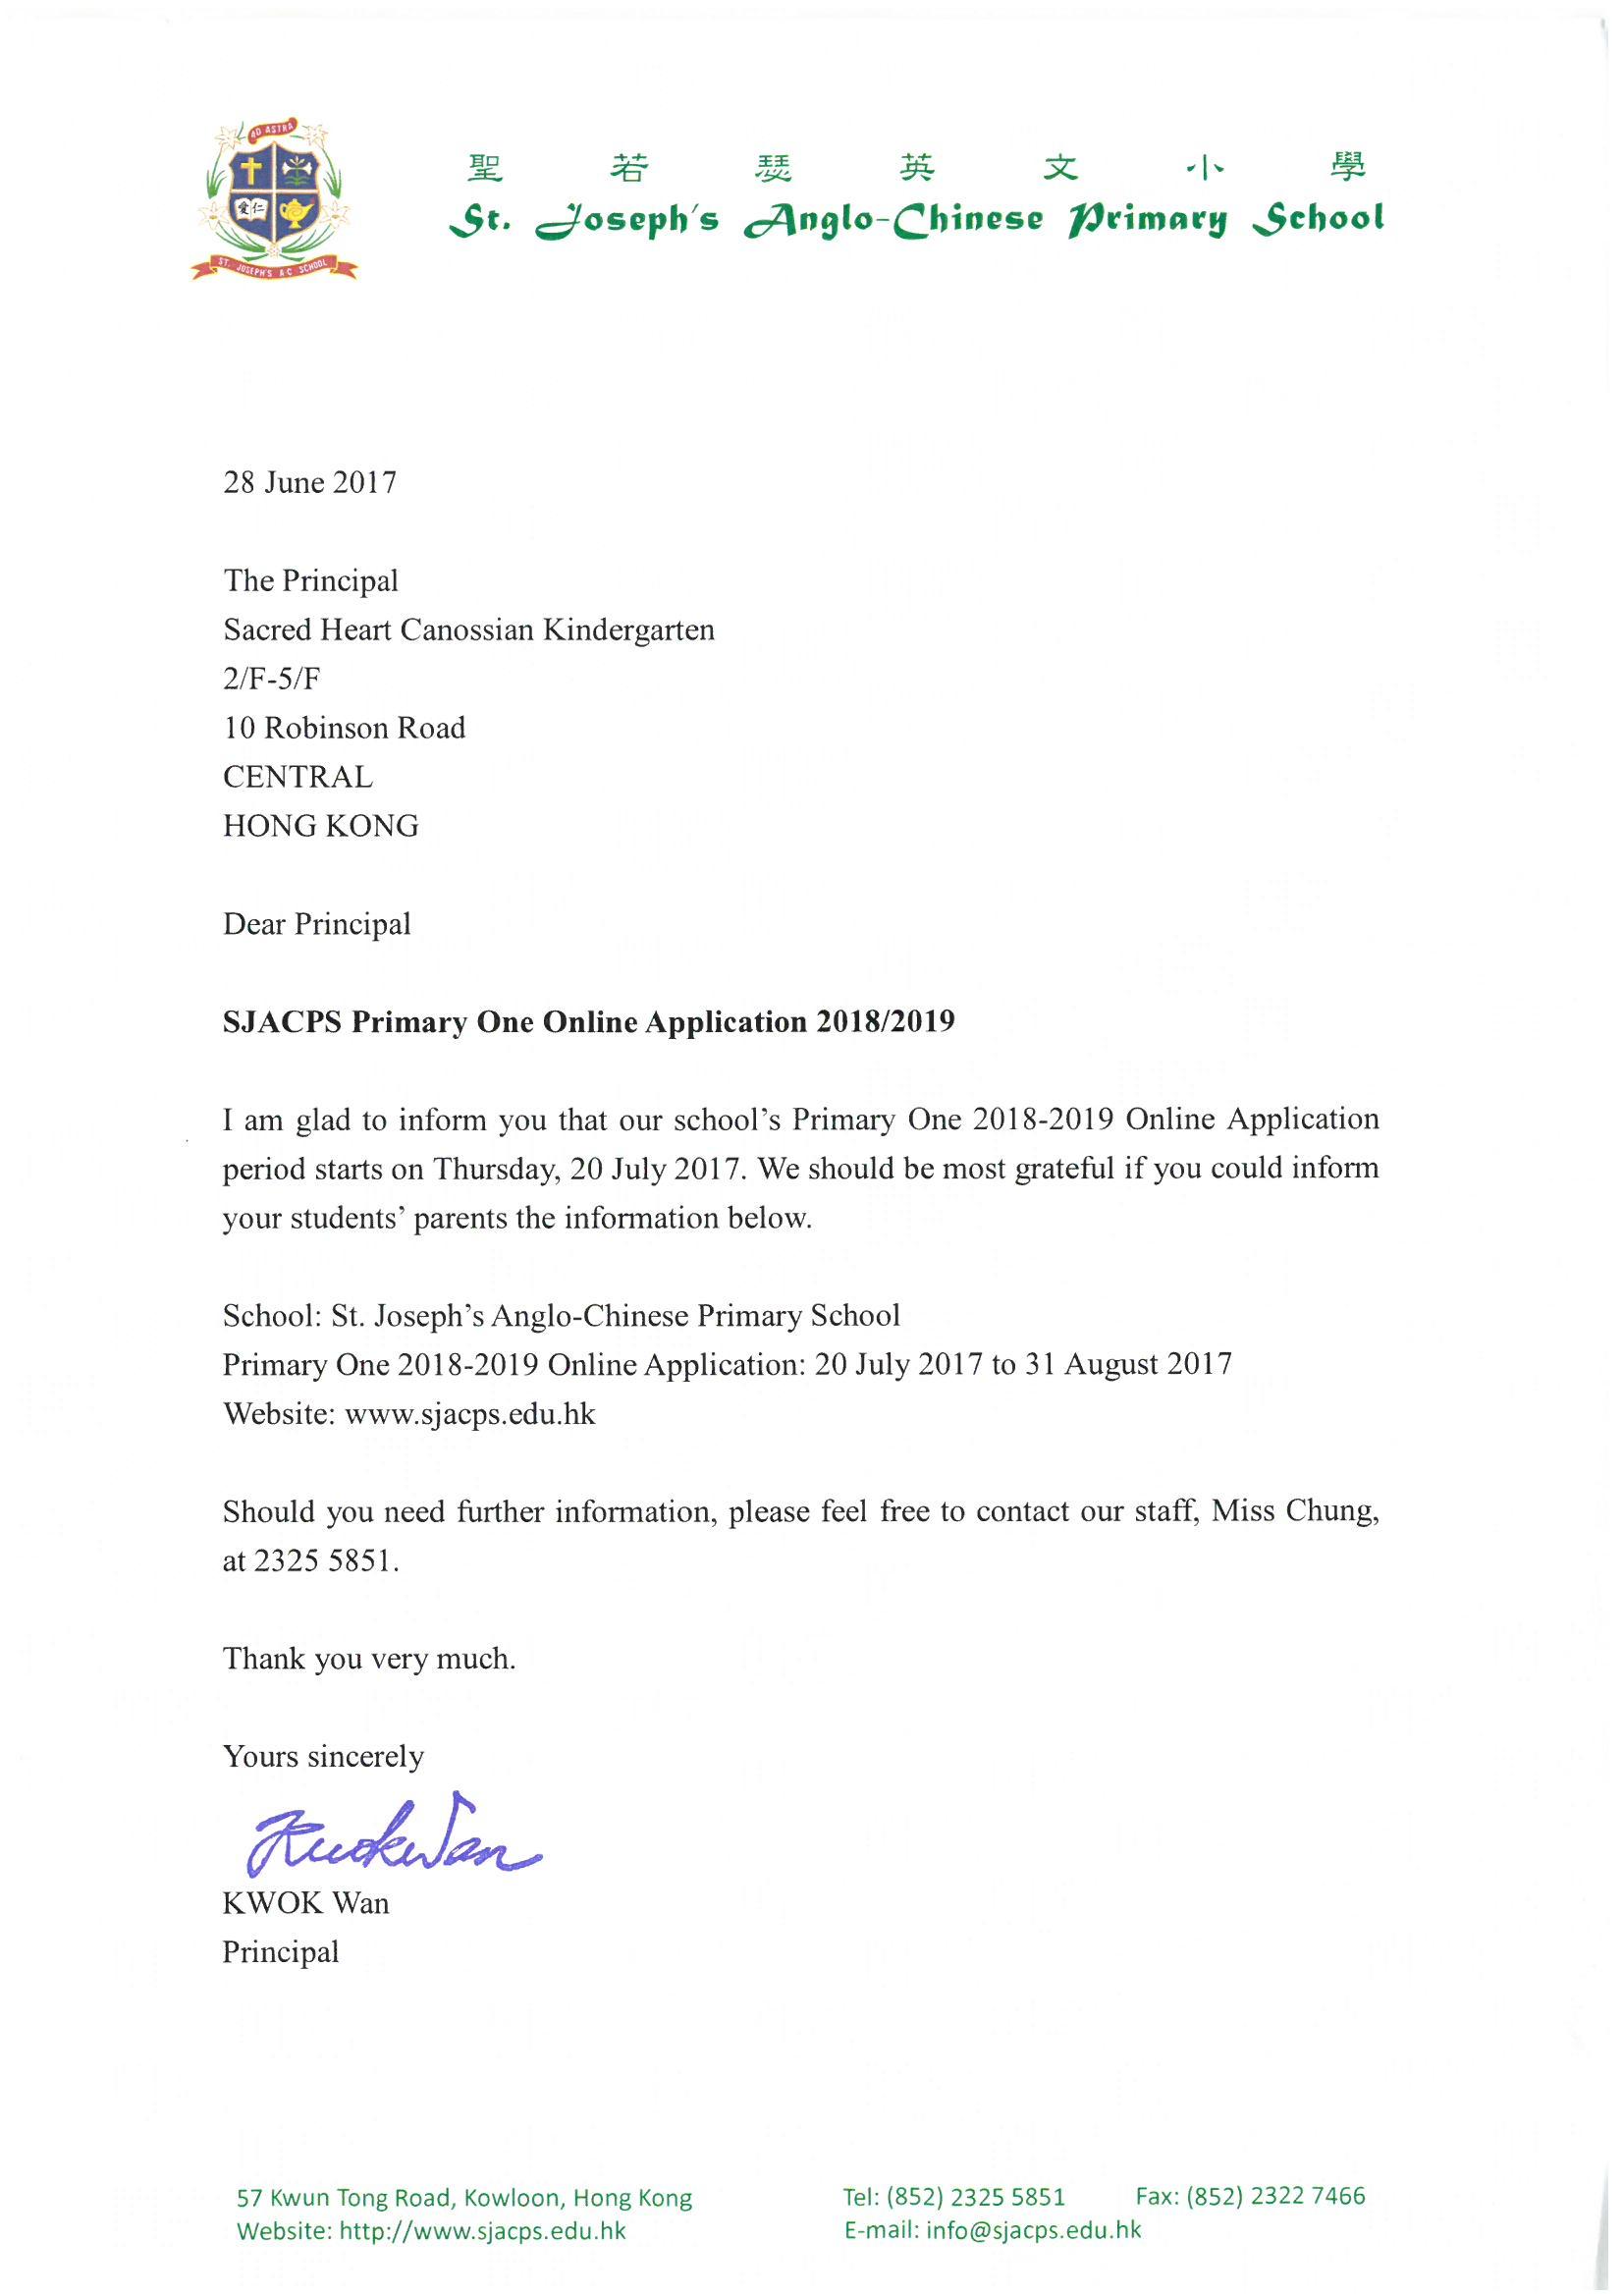 申請九龍區聖若瑟英文小學資料